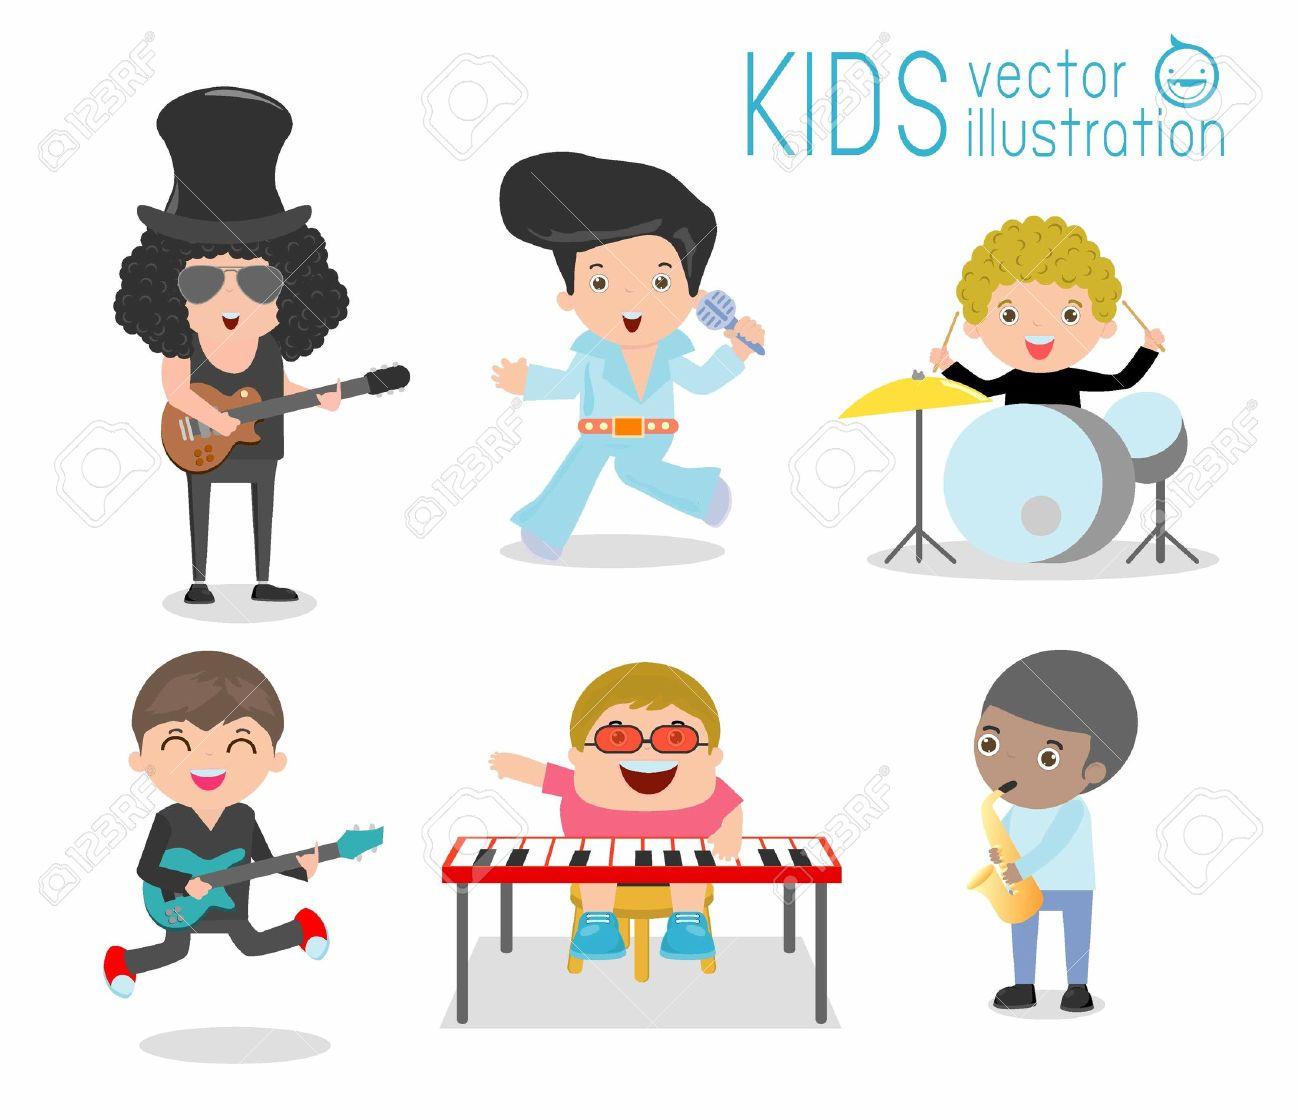 子供たちと音楽楽器子供音楽ミュージカル別の楽器を演奏する